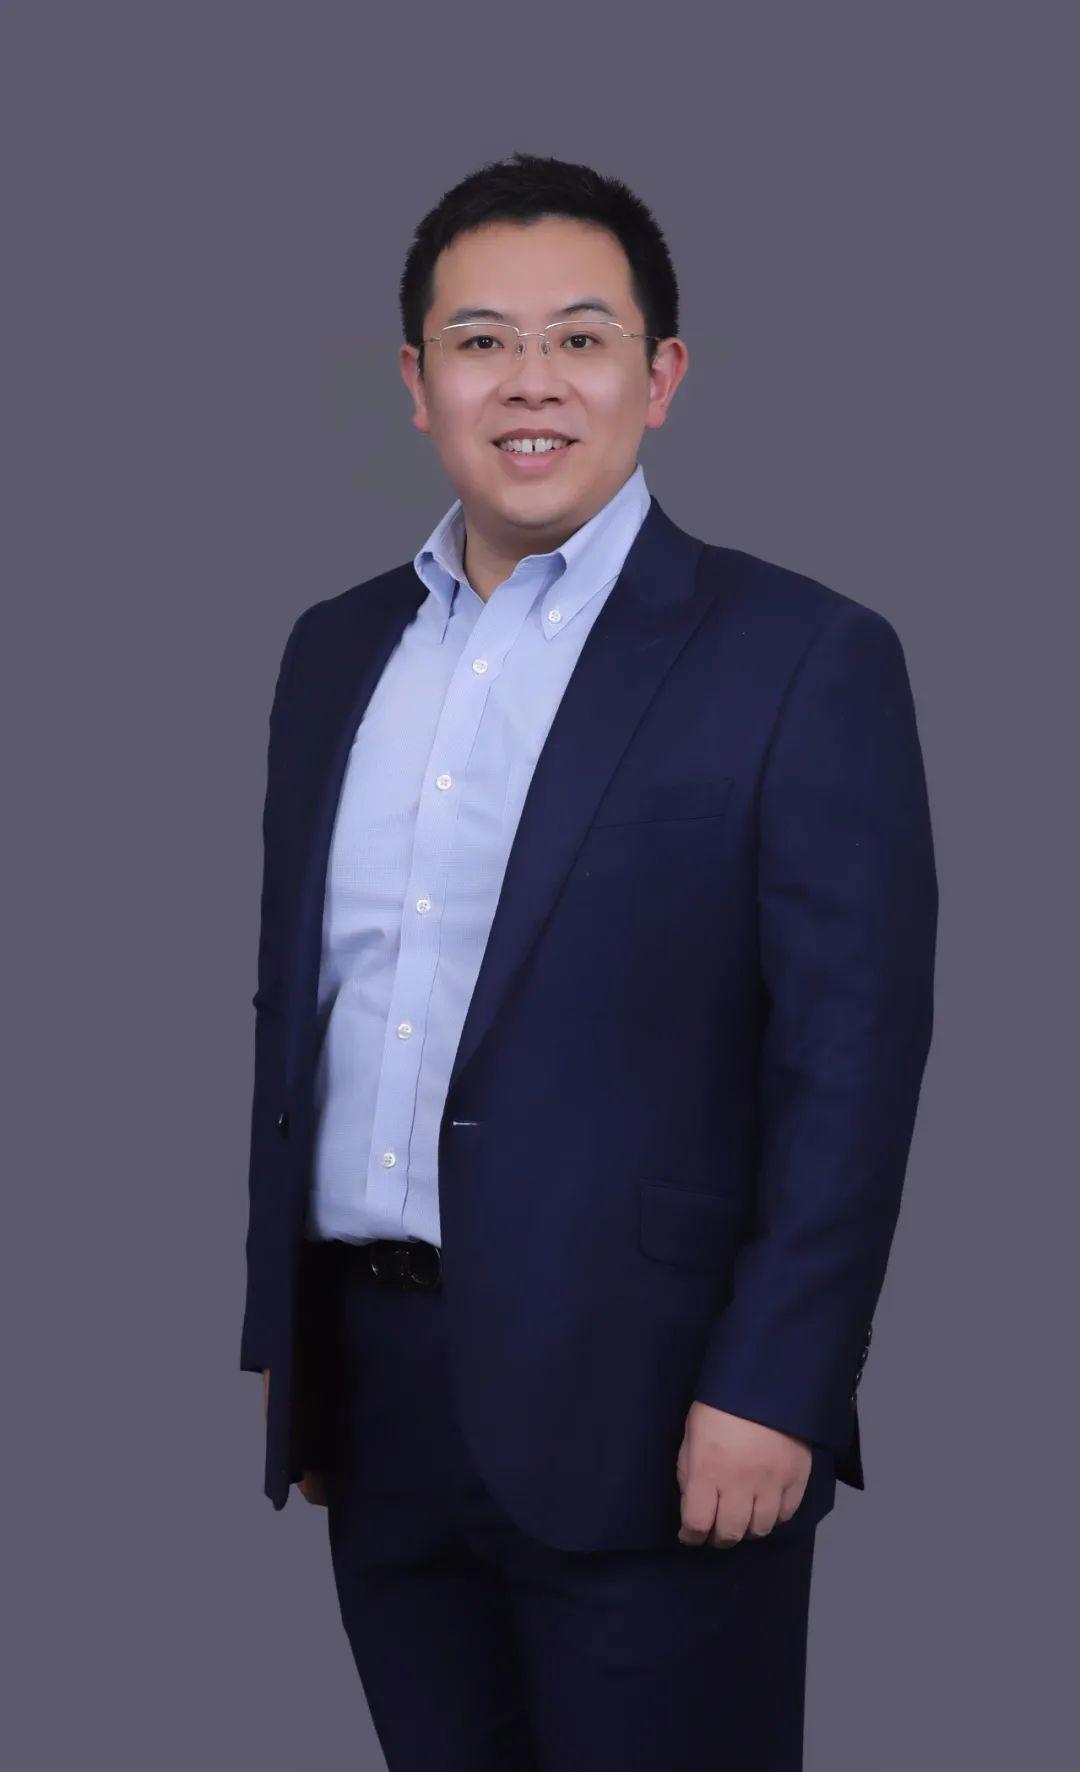 【银河电子傅楚雄/王恺】公司点评丨韦尔股份 (603501):2020年业绩超出市场预期,CIS高景气公司龙头地位提升